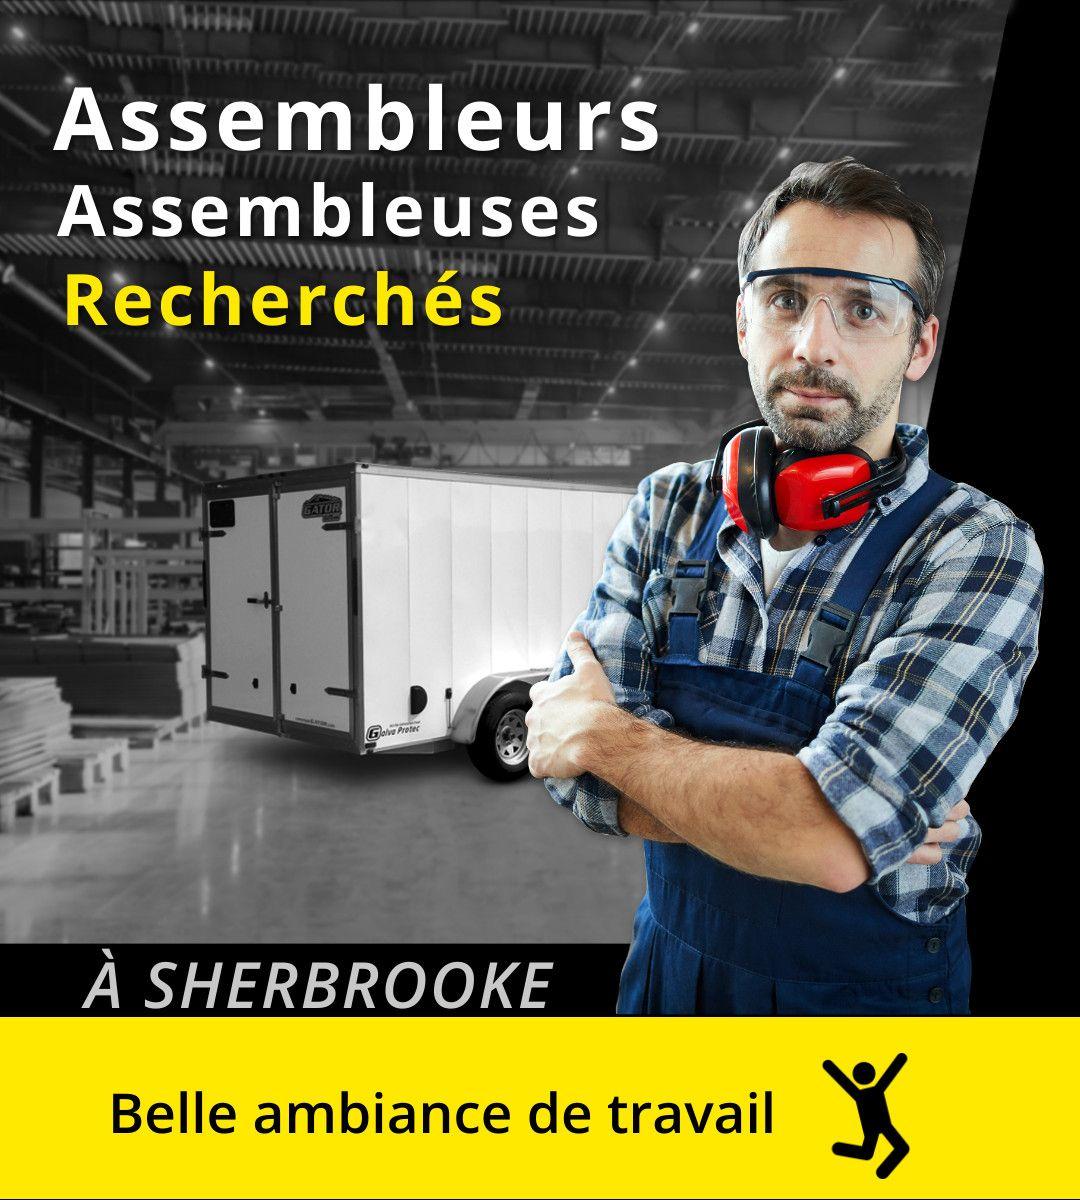 Annonce_Assembleur-_1080x_1200_px_A-High-Quality